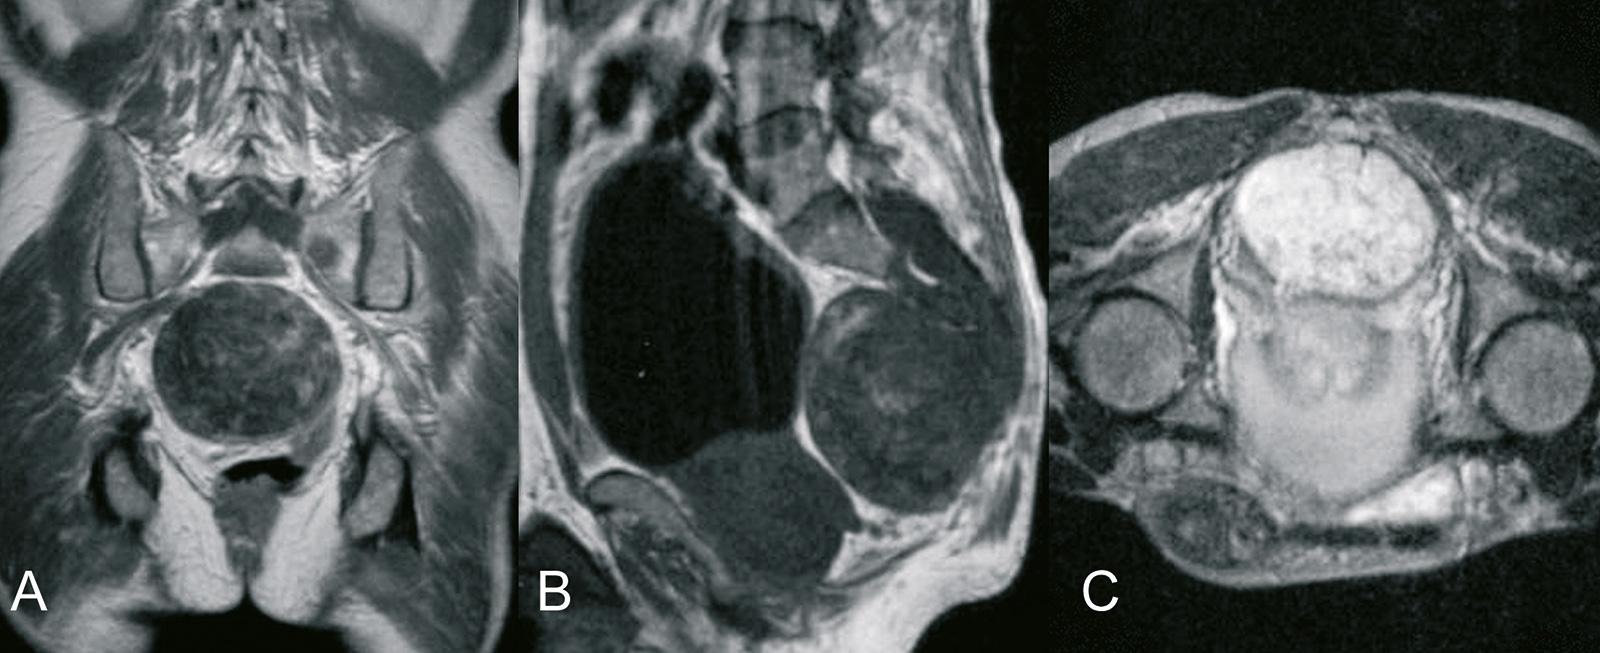 Abb. 8-65: Chordom des Os sacrum: MRT-Bildgebung (A-C) (Eigentum des Instituts für Klinische Radiologie der Universität Münster)